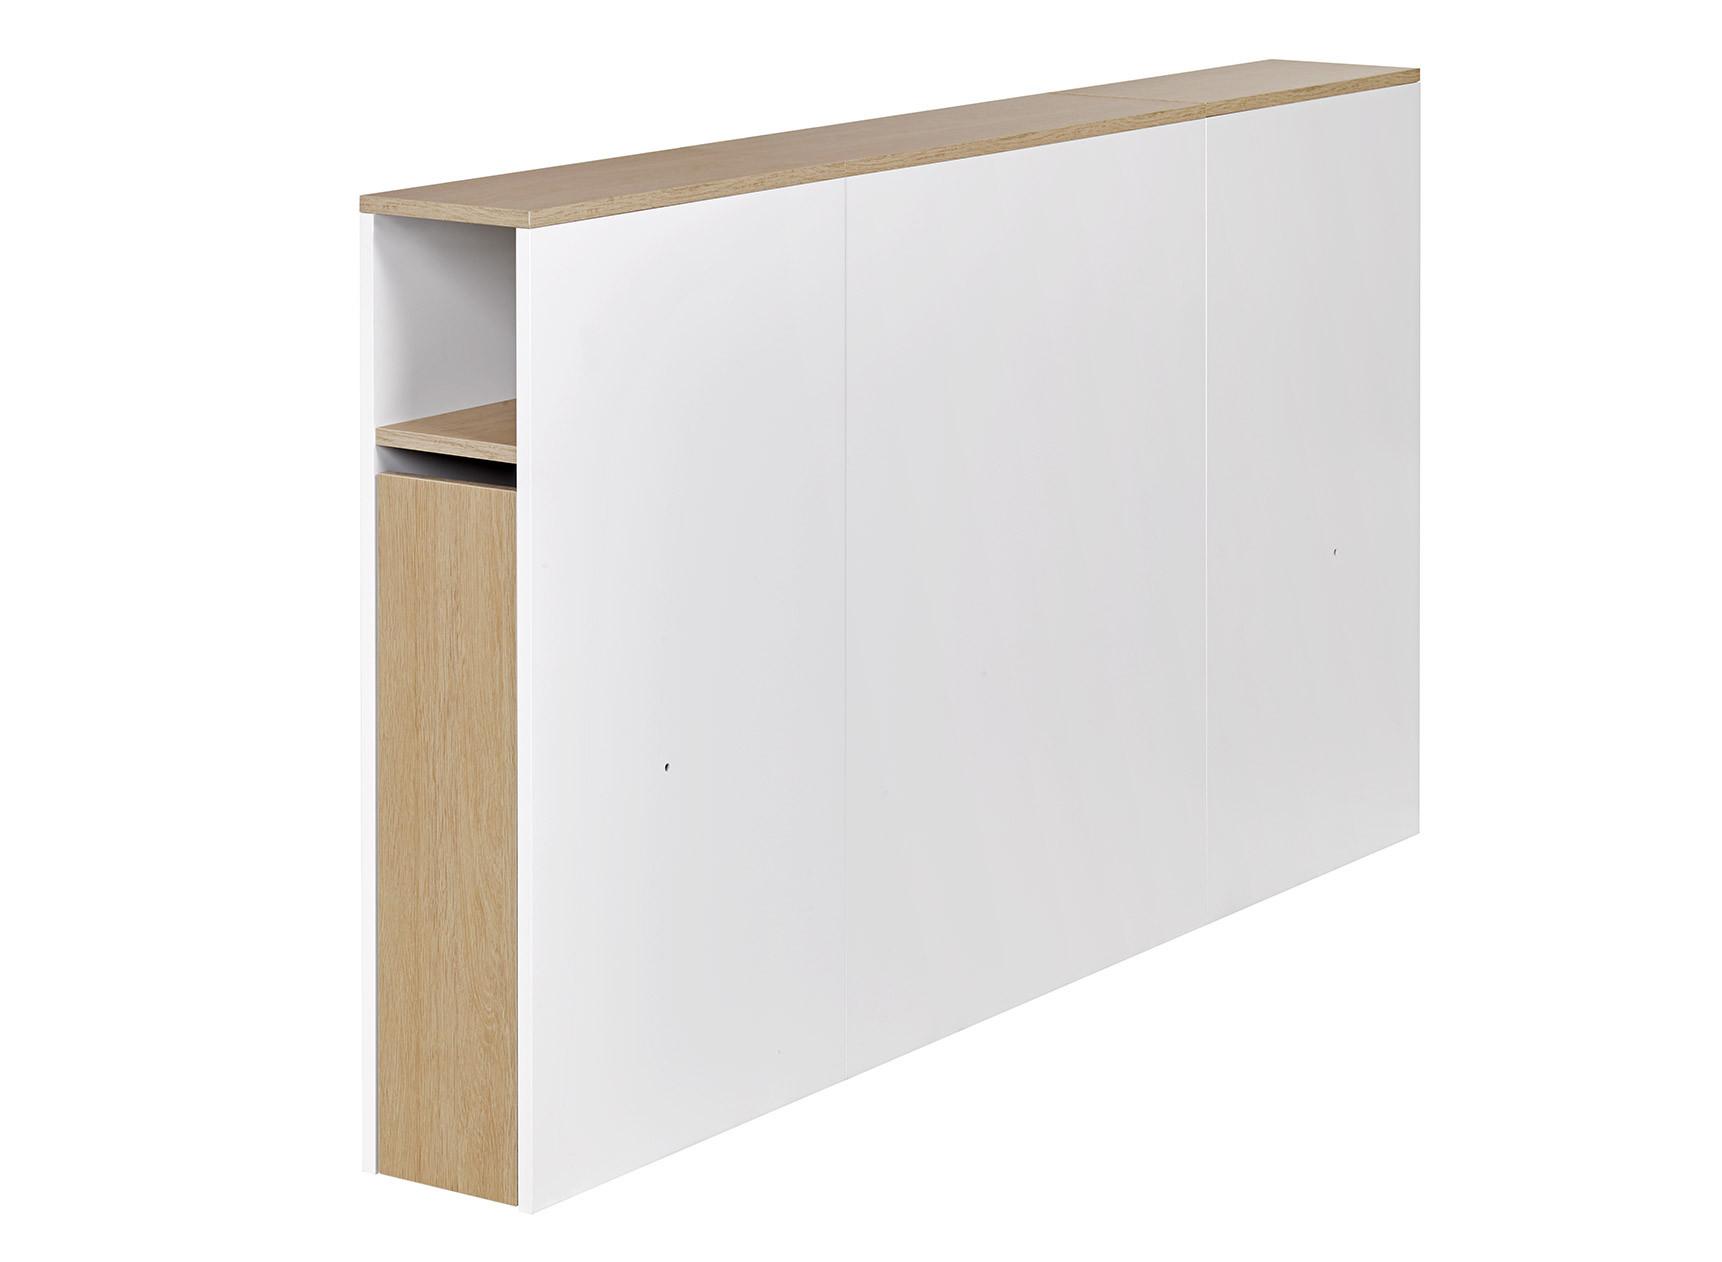 Tête de lit 2 places 160 PRADO Blanc/Chêne  - 1